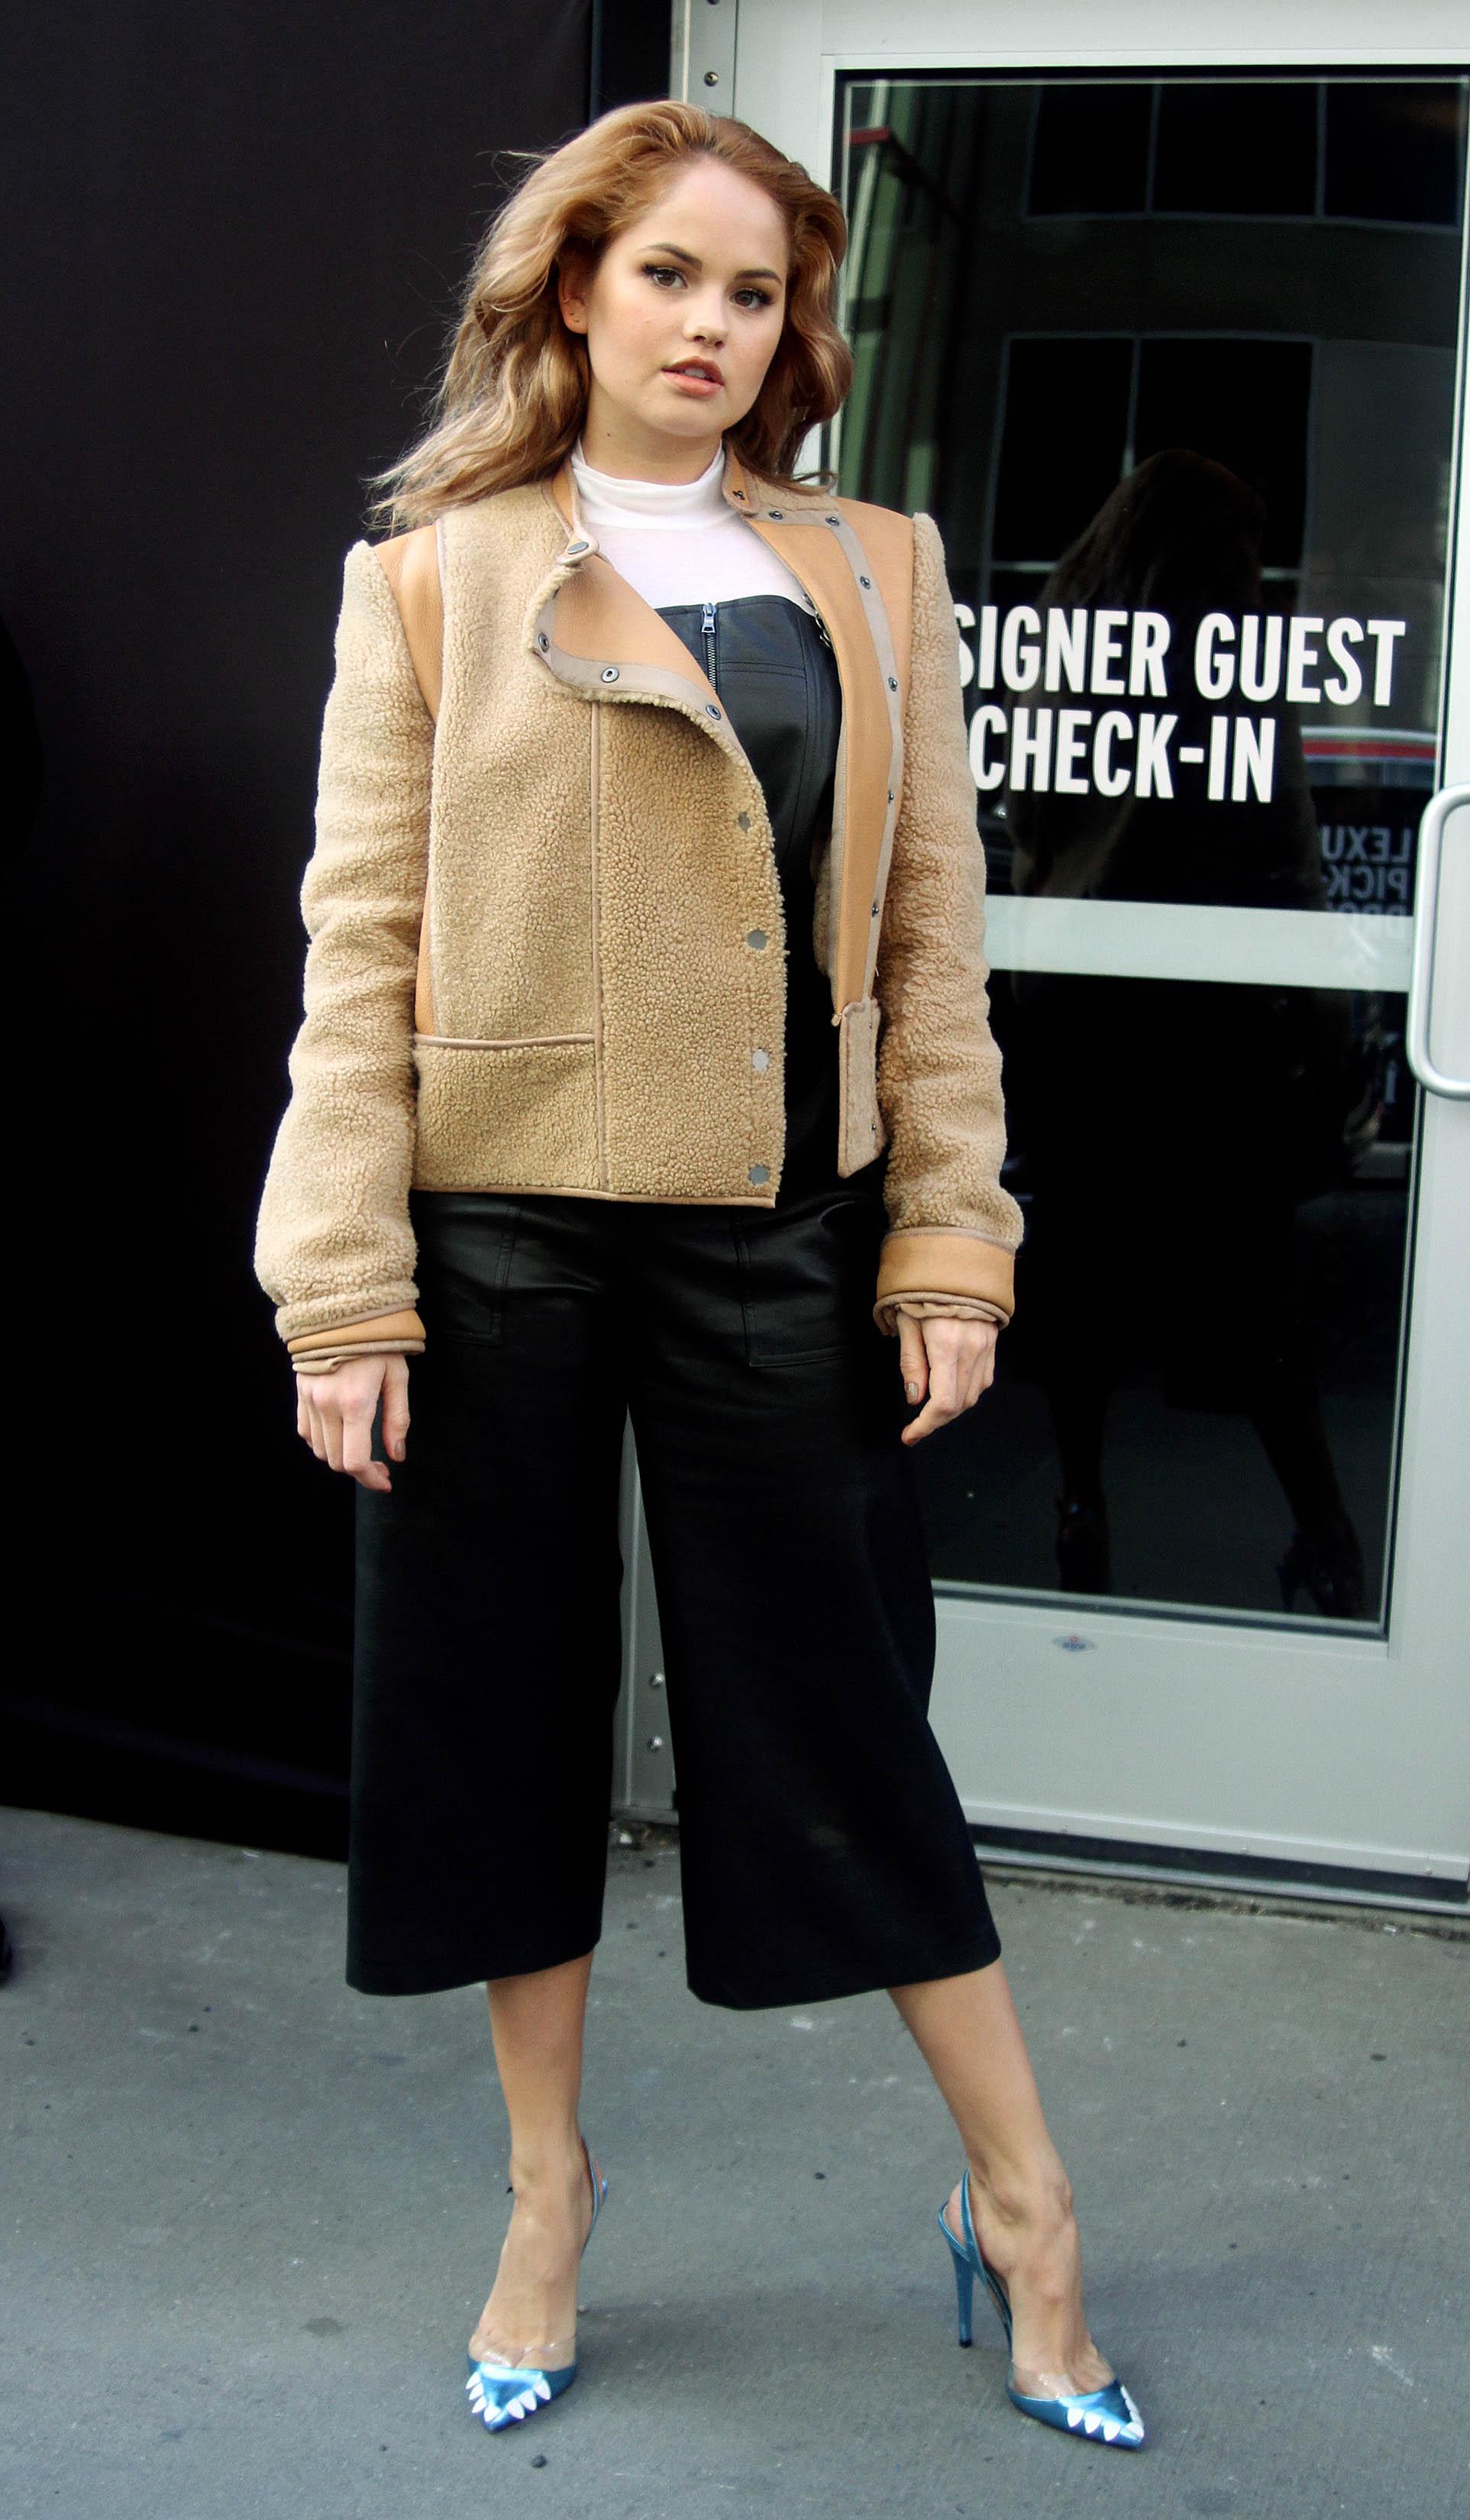 Debby Ryan leaving a Fashion Show